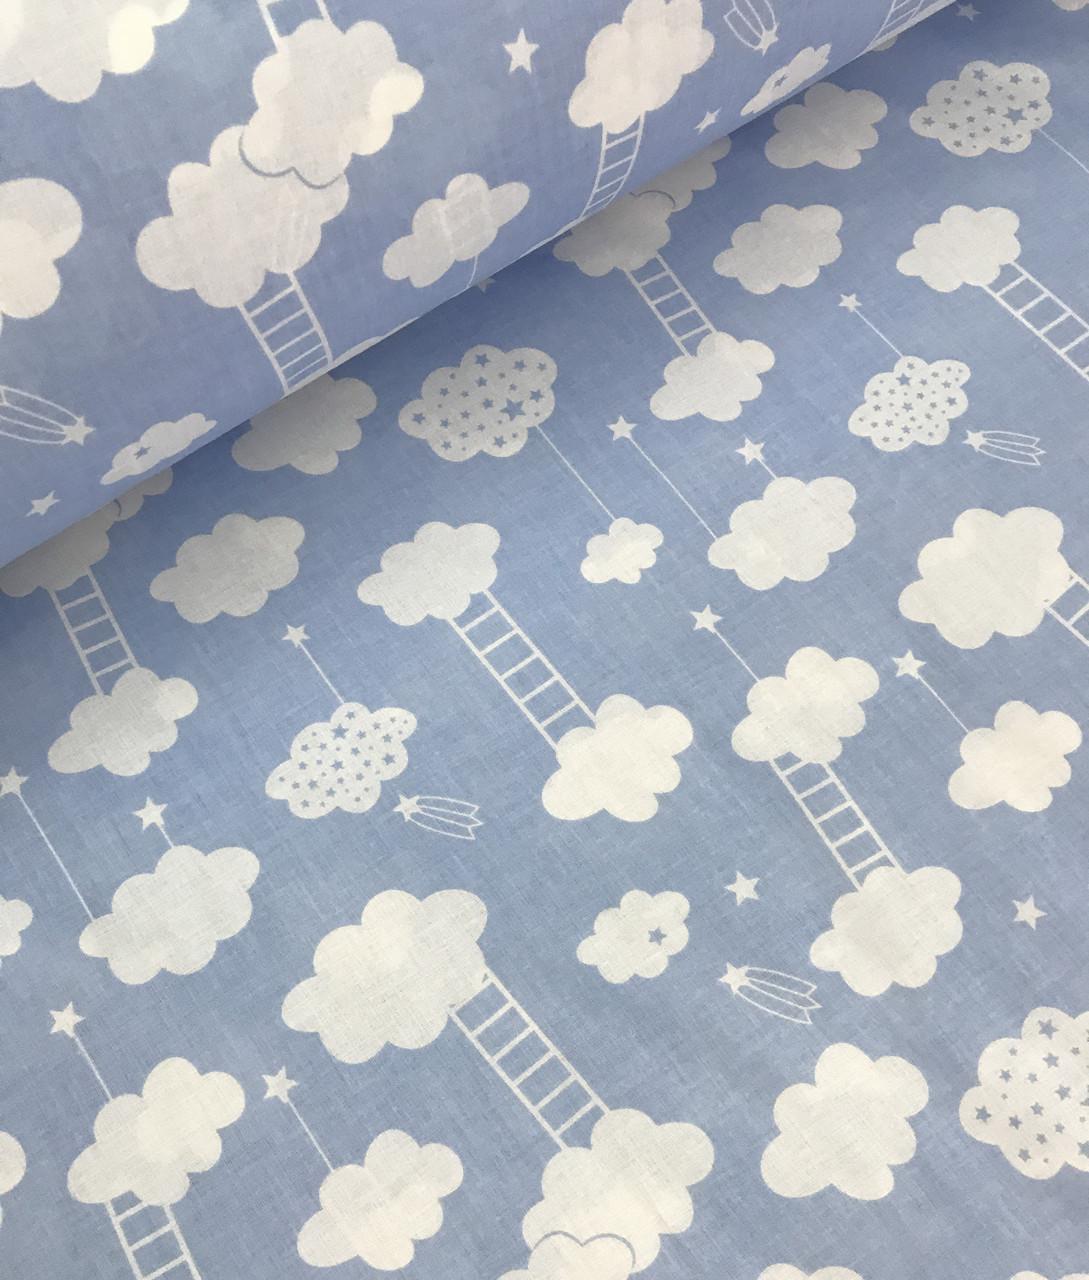 Хлопковая ткань польская облака с лестницей на голубом